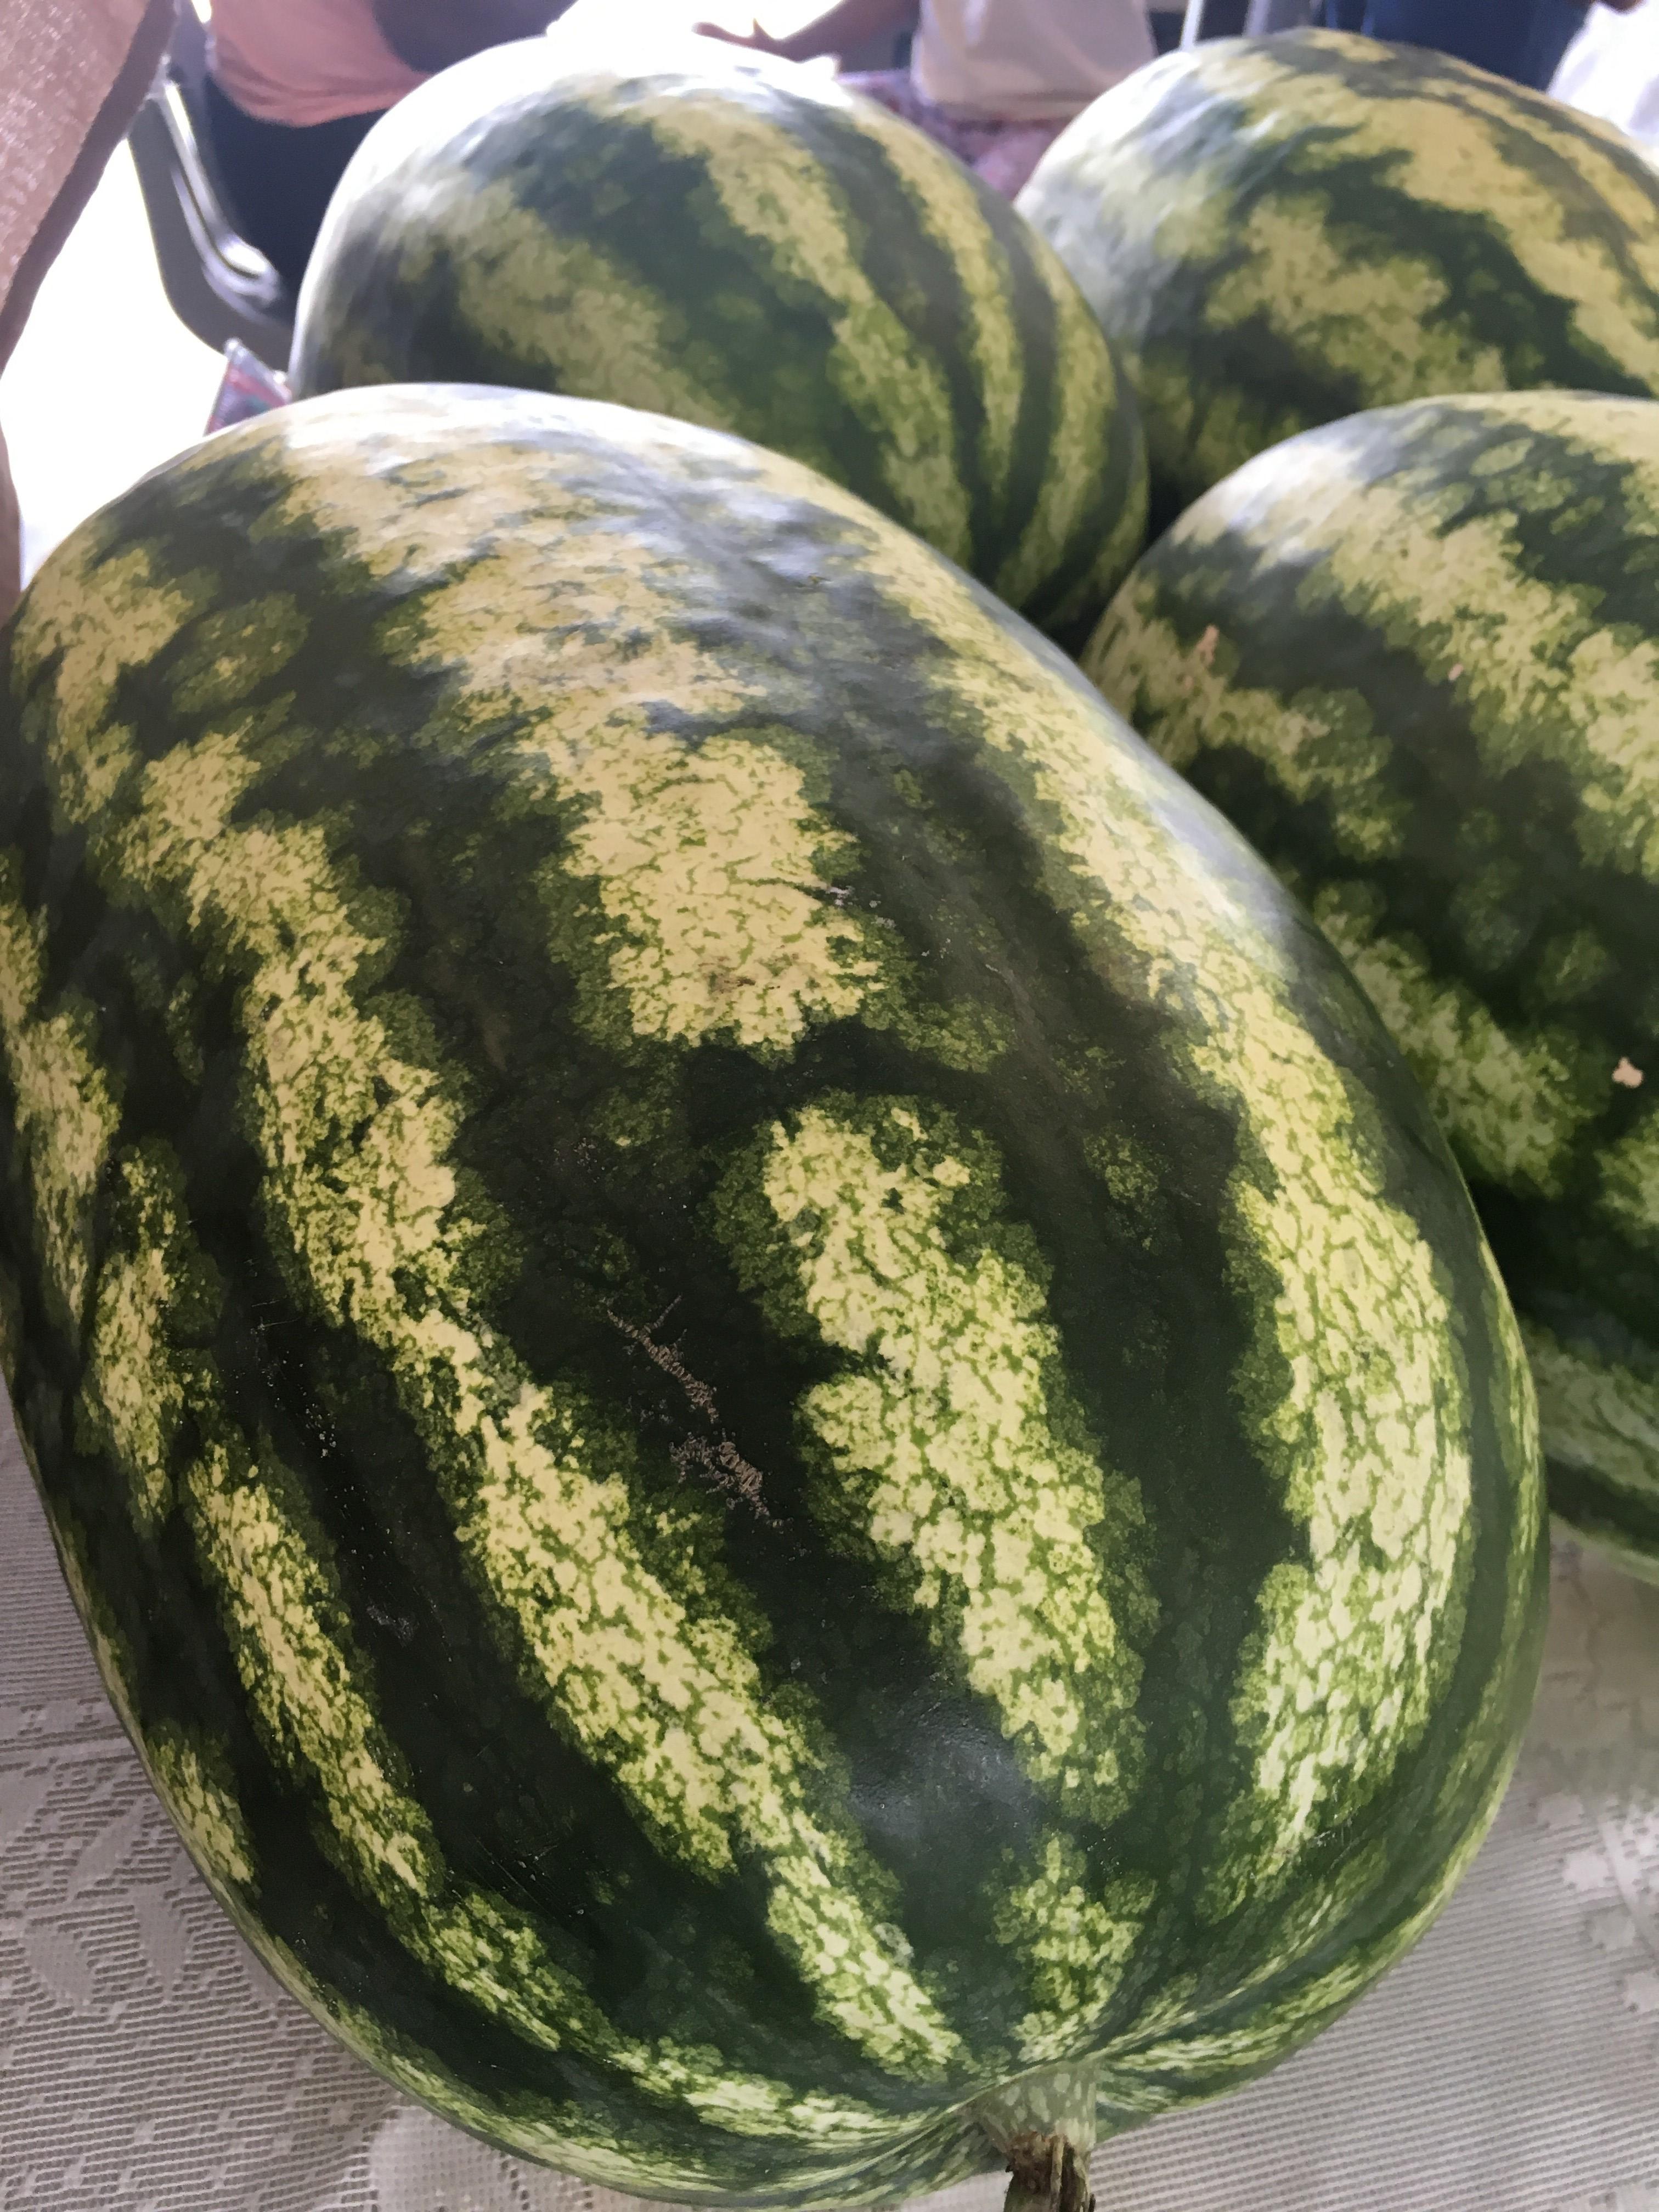 Peak Watermelon Season Is Here!